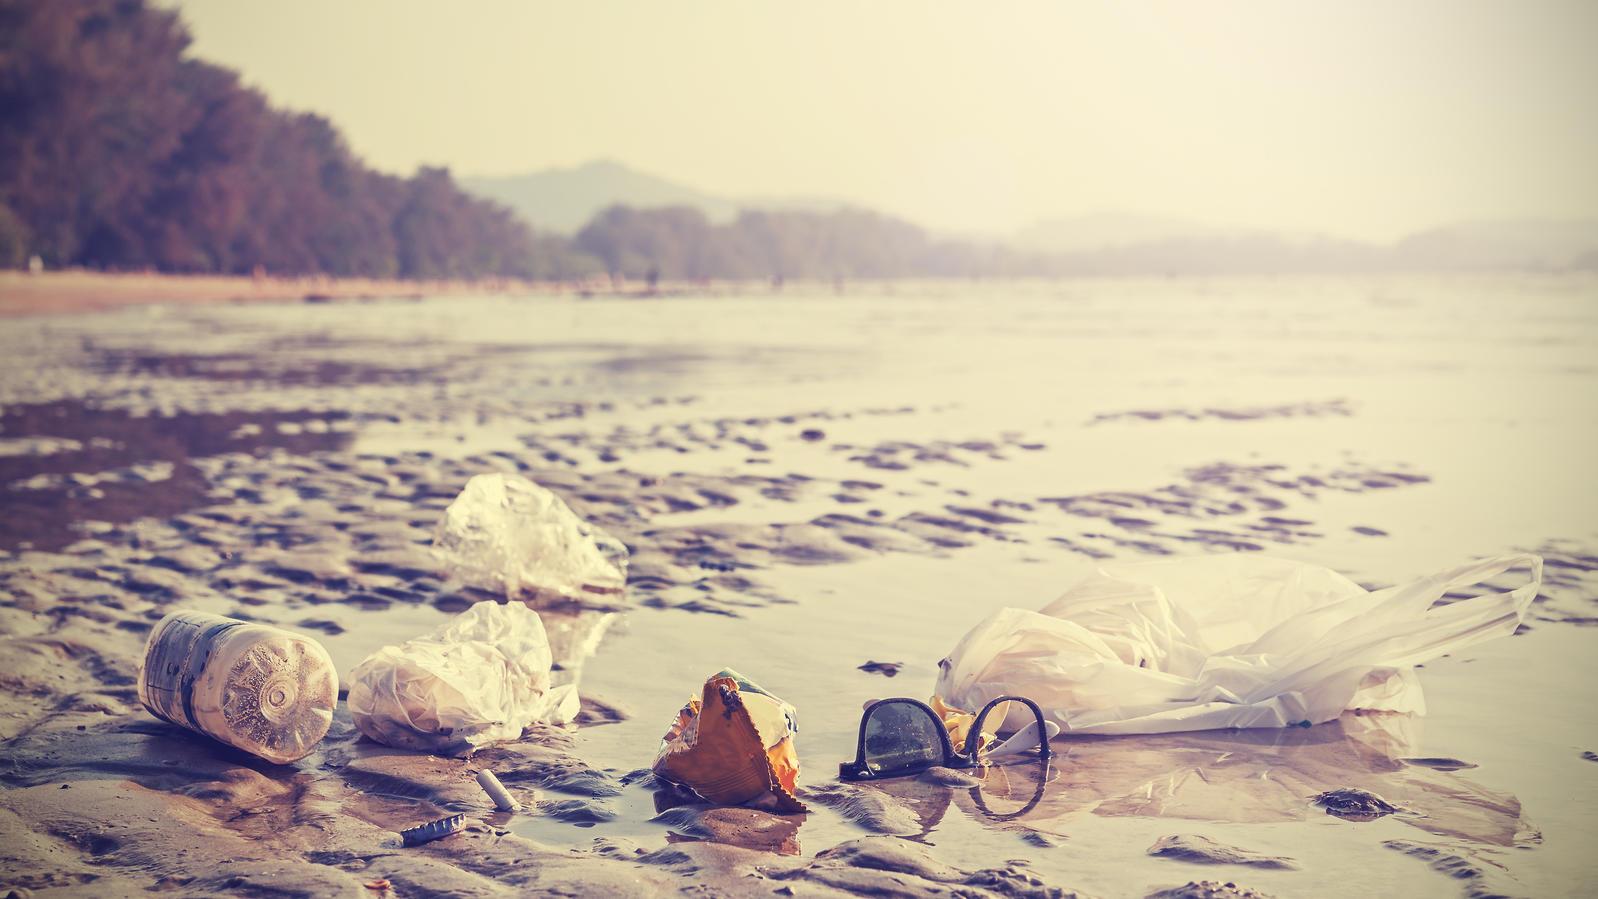 Die Verschmutzung der Meere durch Plastik ist enorm.